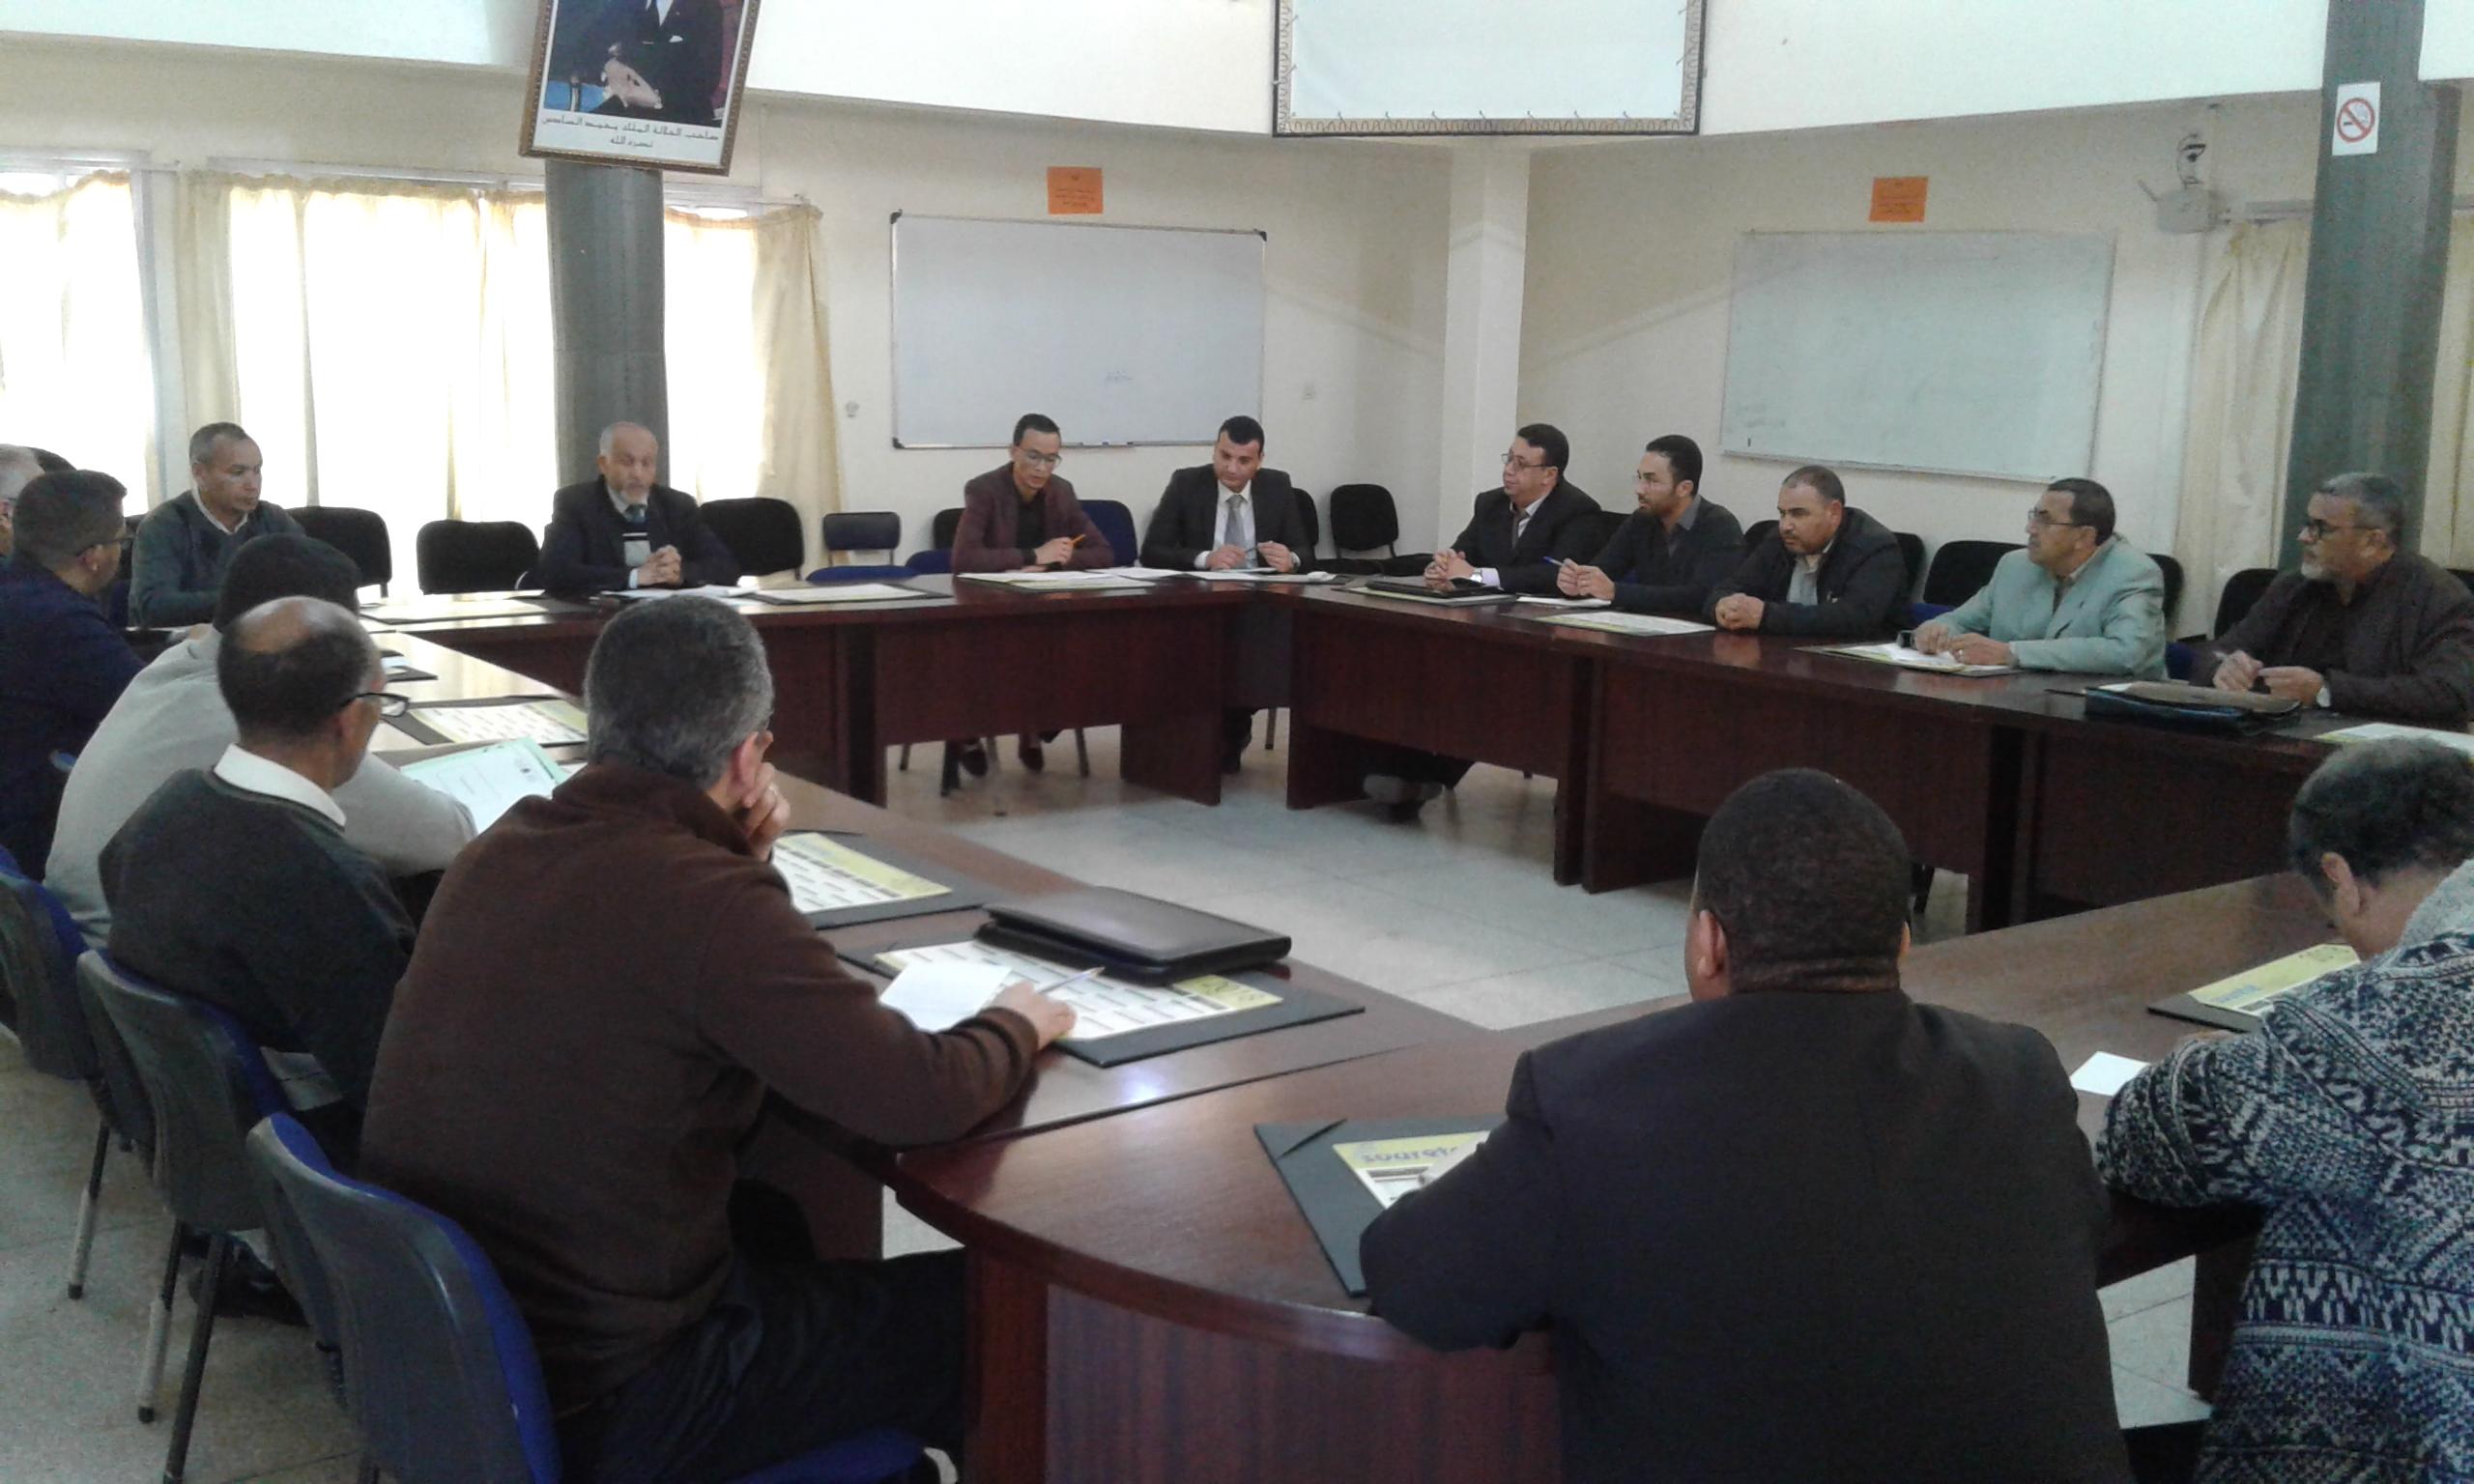 تيزنيت : مديرية التعليم في لقاء تواصلي حول الحصيلة المرحلية للمسالك الدولية للباكلوريا المغربية وتدارس امكانيات توسيع العرض التربوي بباقي المؤسسات